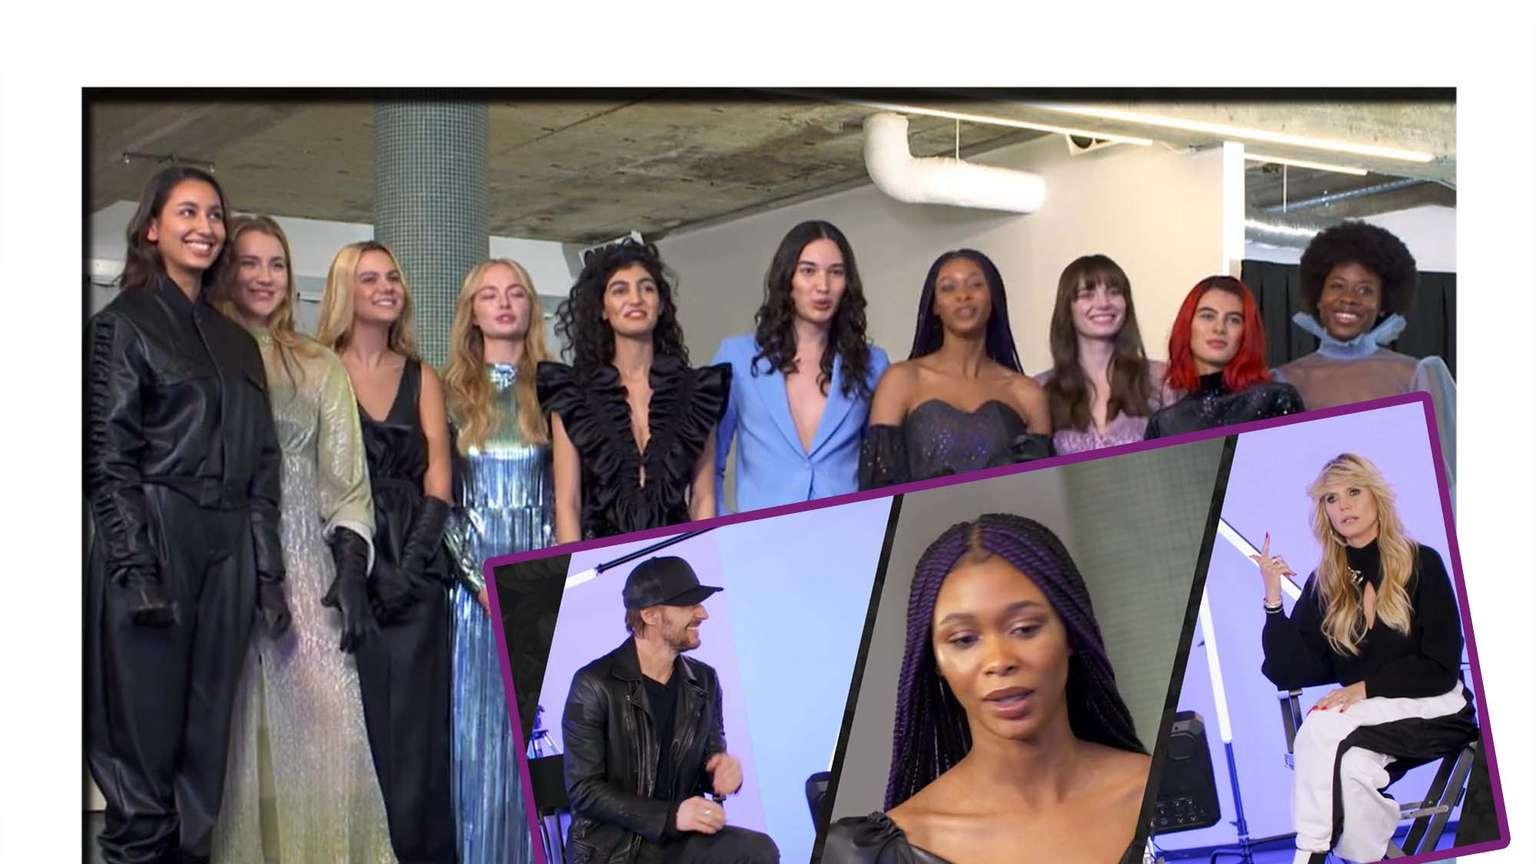 Das gab es noch nie bei GNTM: Heidi Klum beobachtet Models